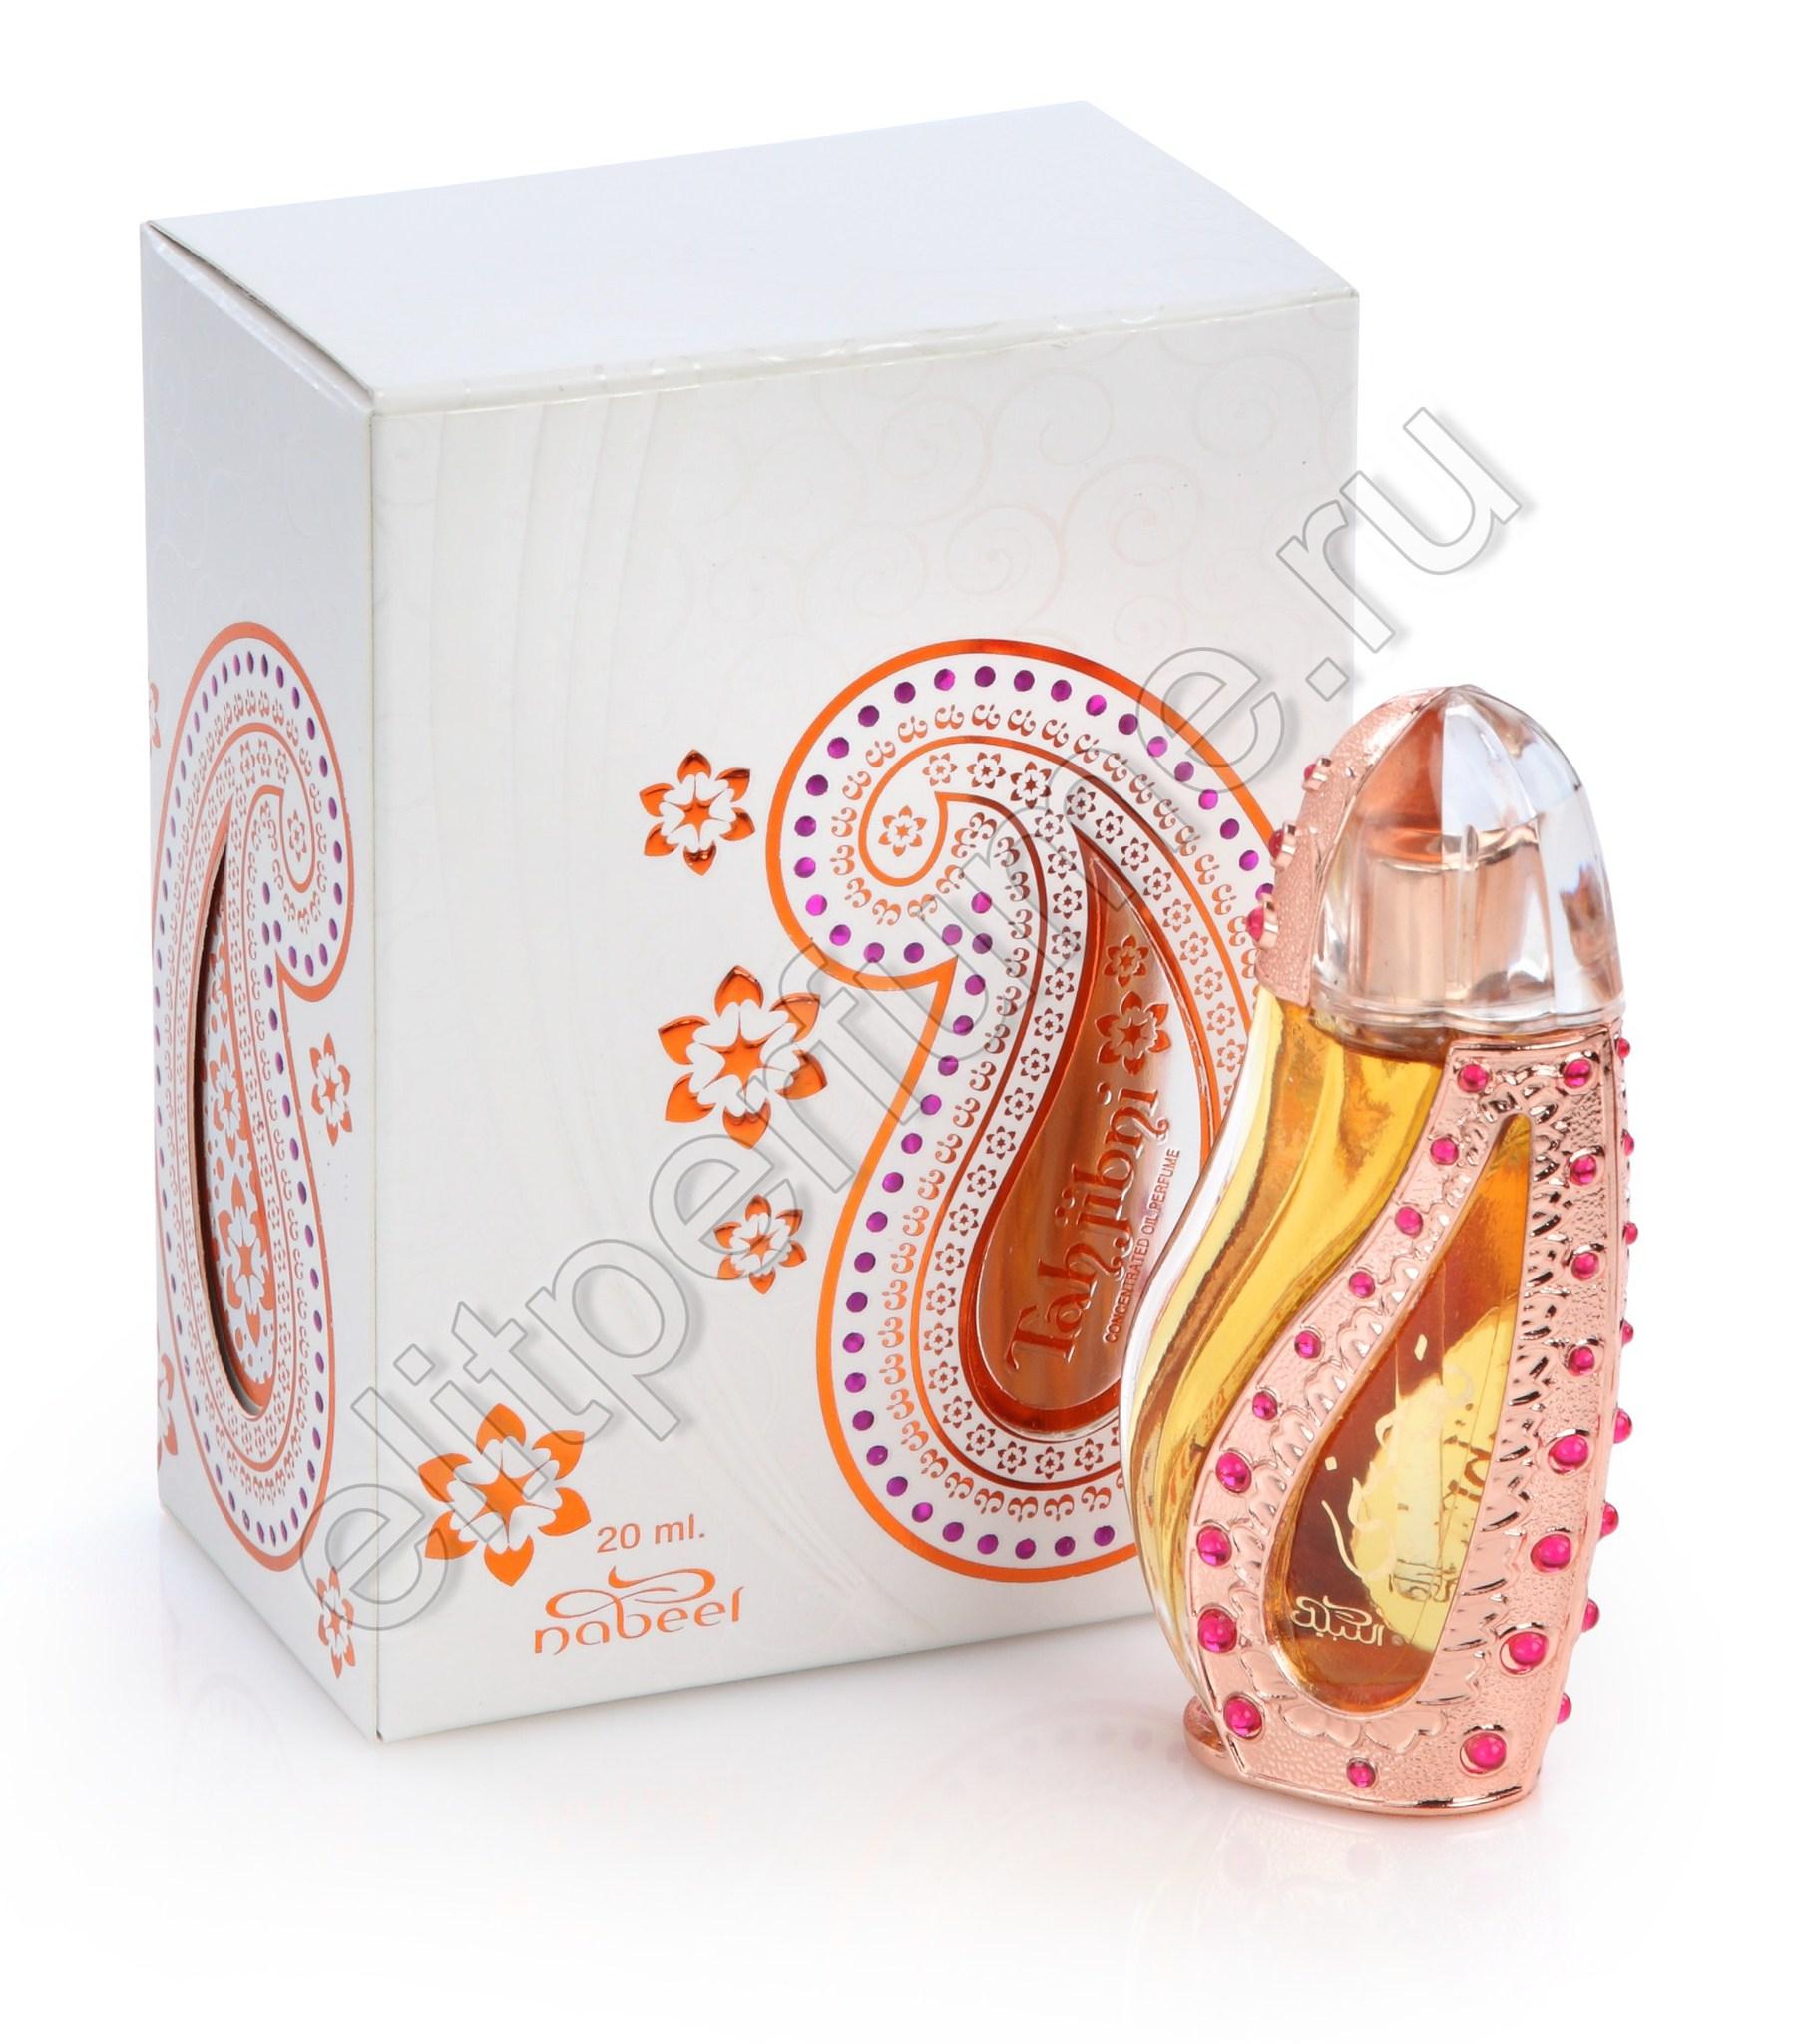 Пробники для арабских духов Таджибни Tajebni 1 мл арабские масляные духи от Набиль Nabeel Perfumes